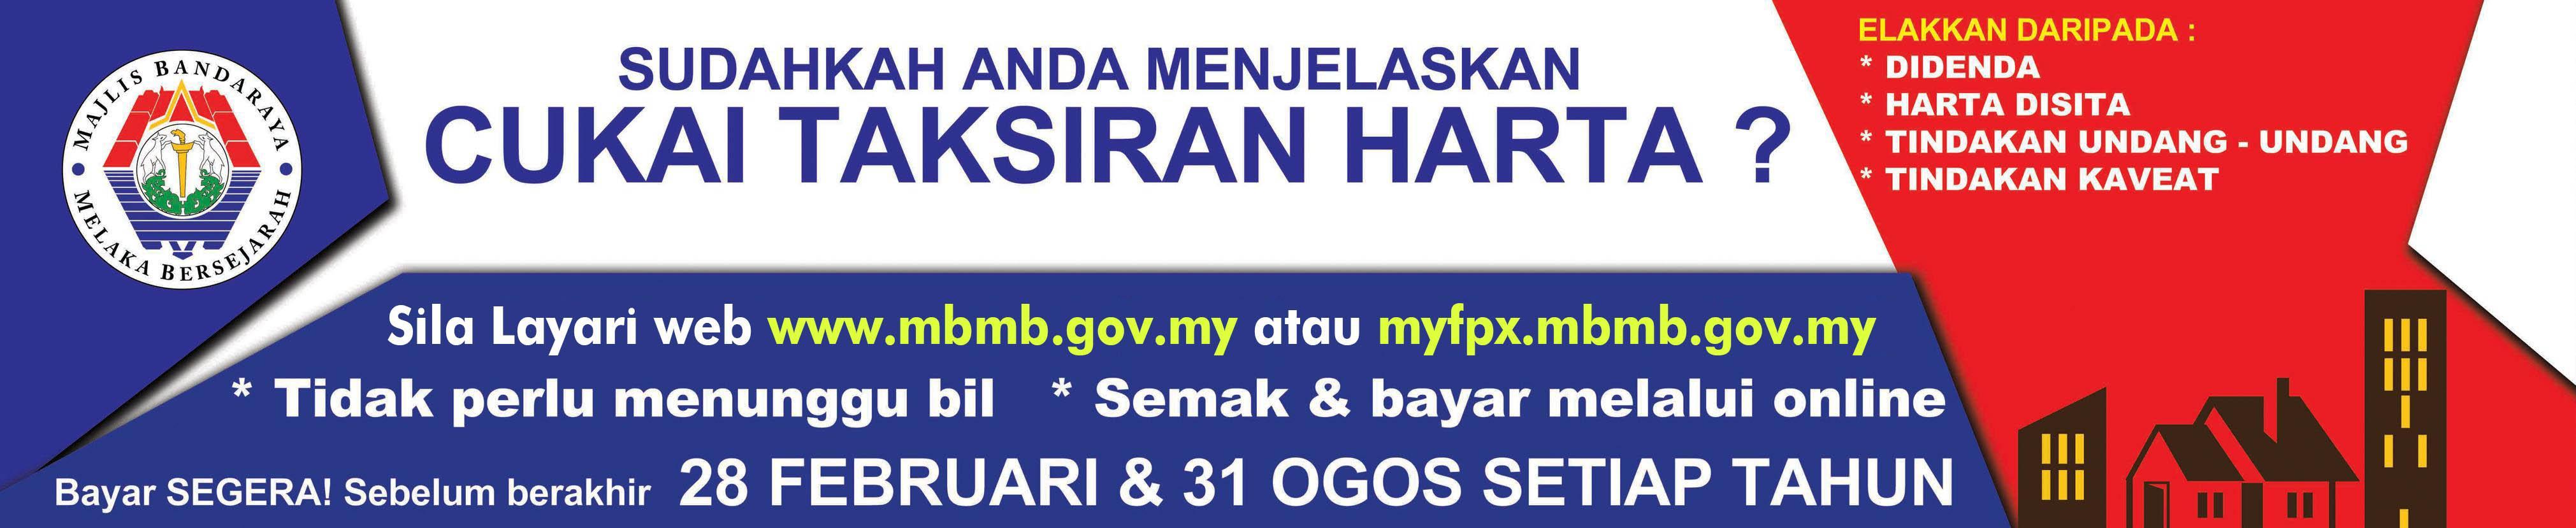 Cukai Taksiran Portal Rasmi Majlis Bandaraya Melaka Bersejarah Mbmb